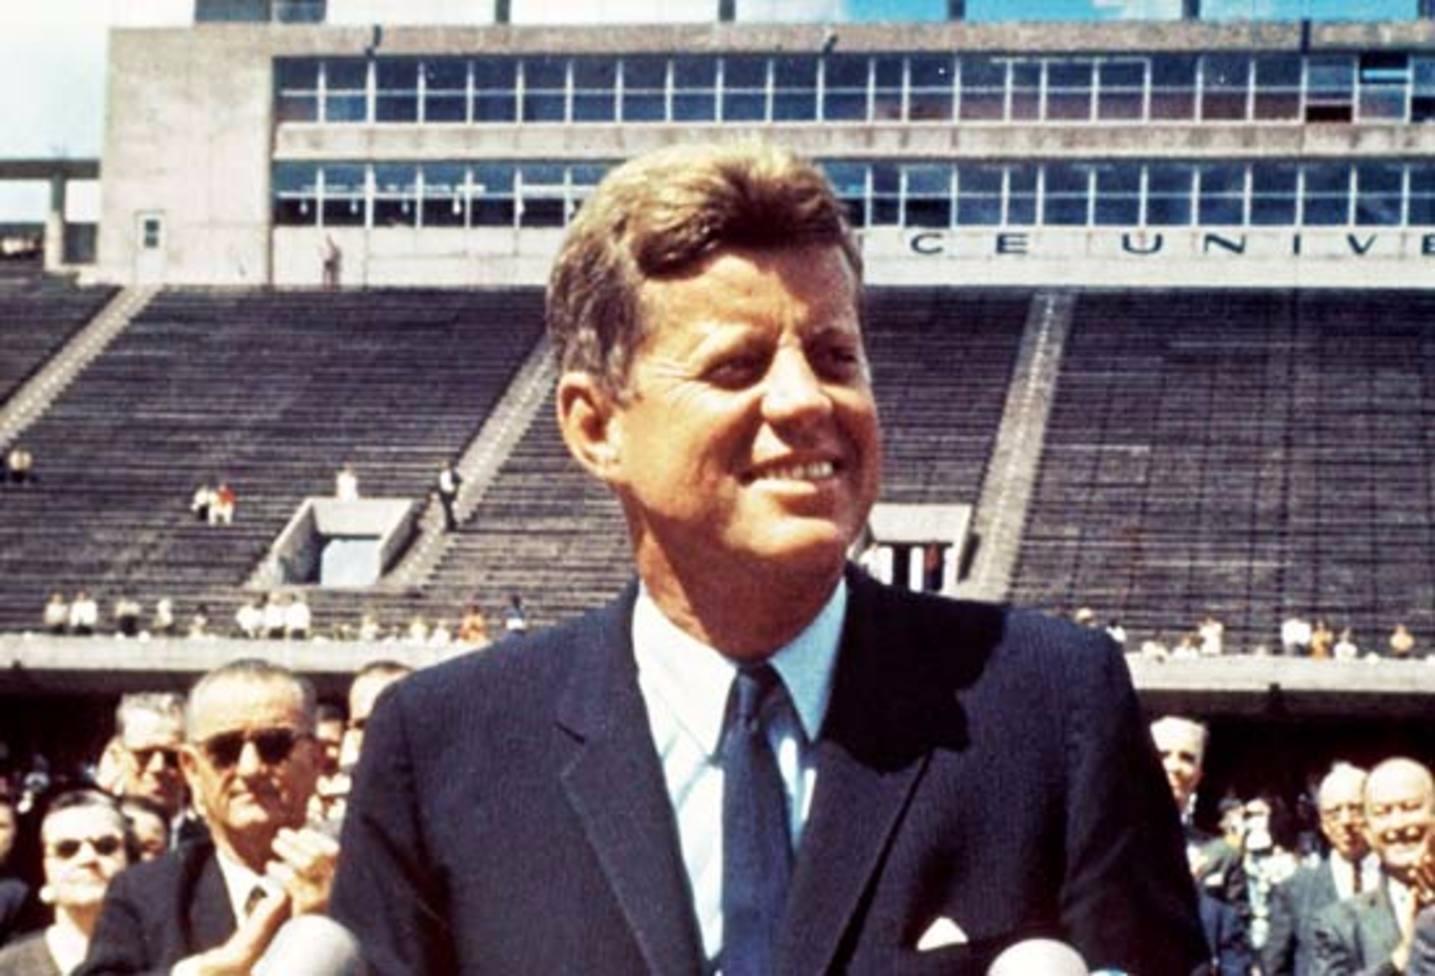 Кеннеди улыбается